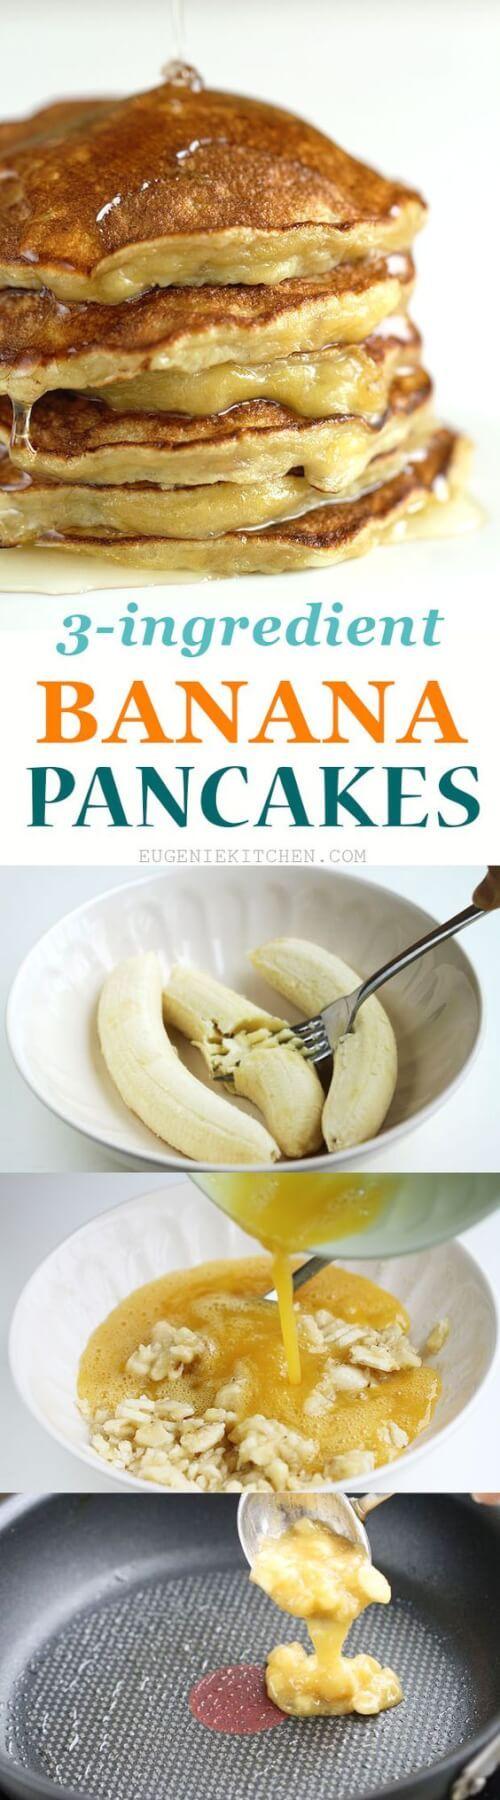 Gluten-Free, Flourless, Low-Calorie 3-Ingredient Banana Pancakes Recipe